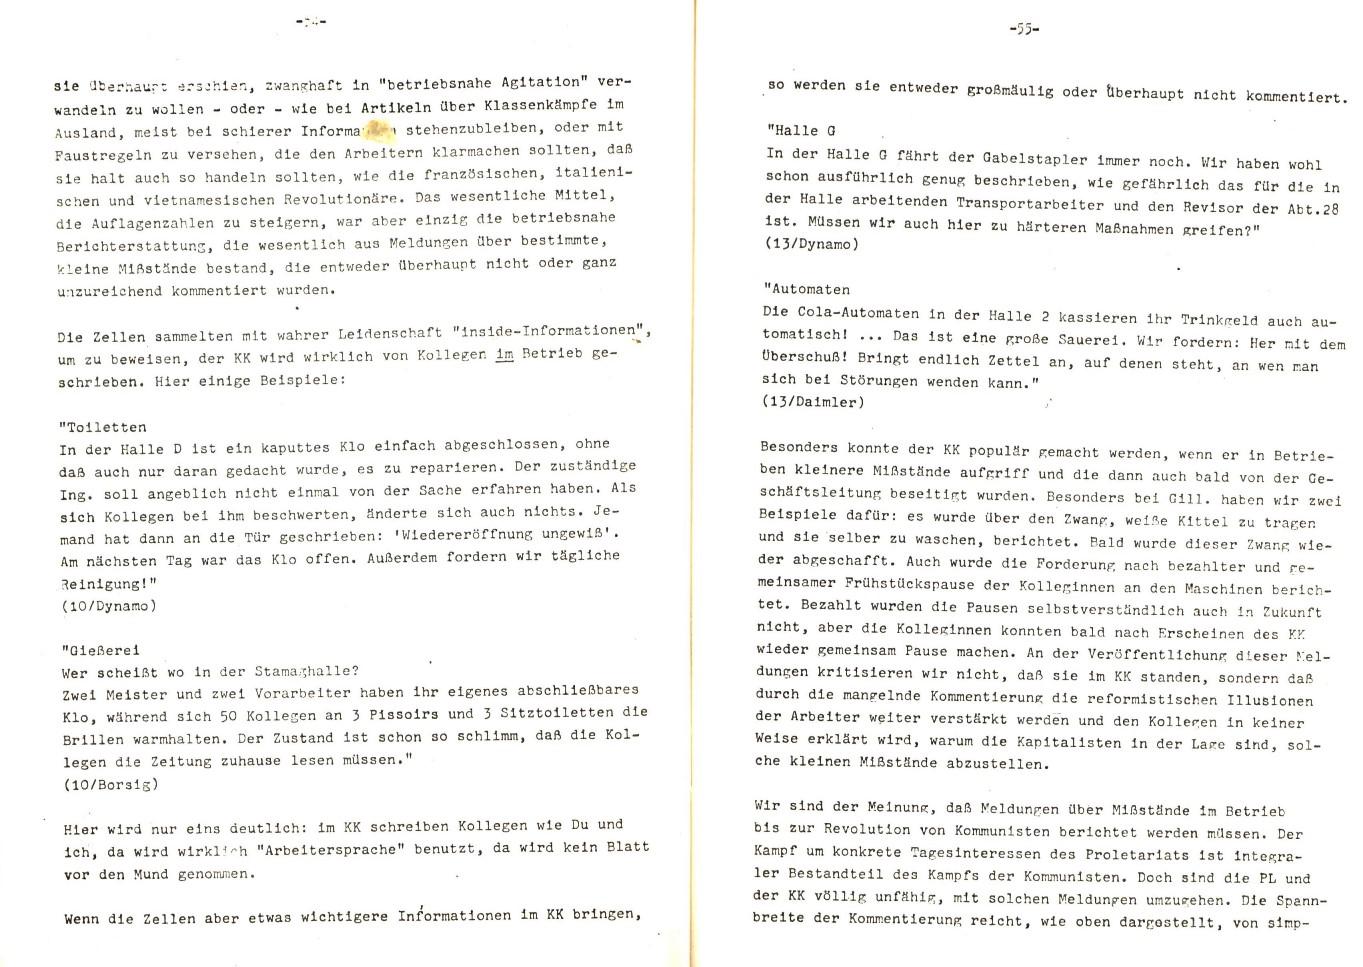 PLPI_1971_Aufloesung_30